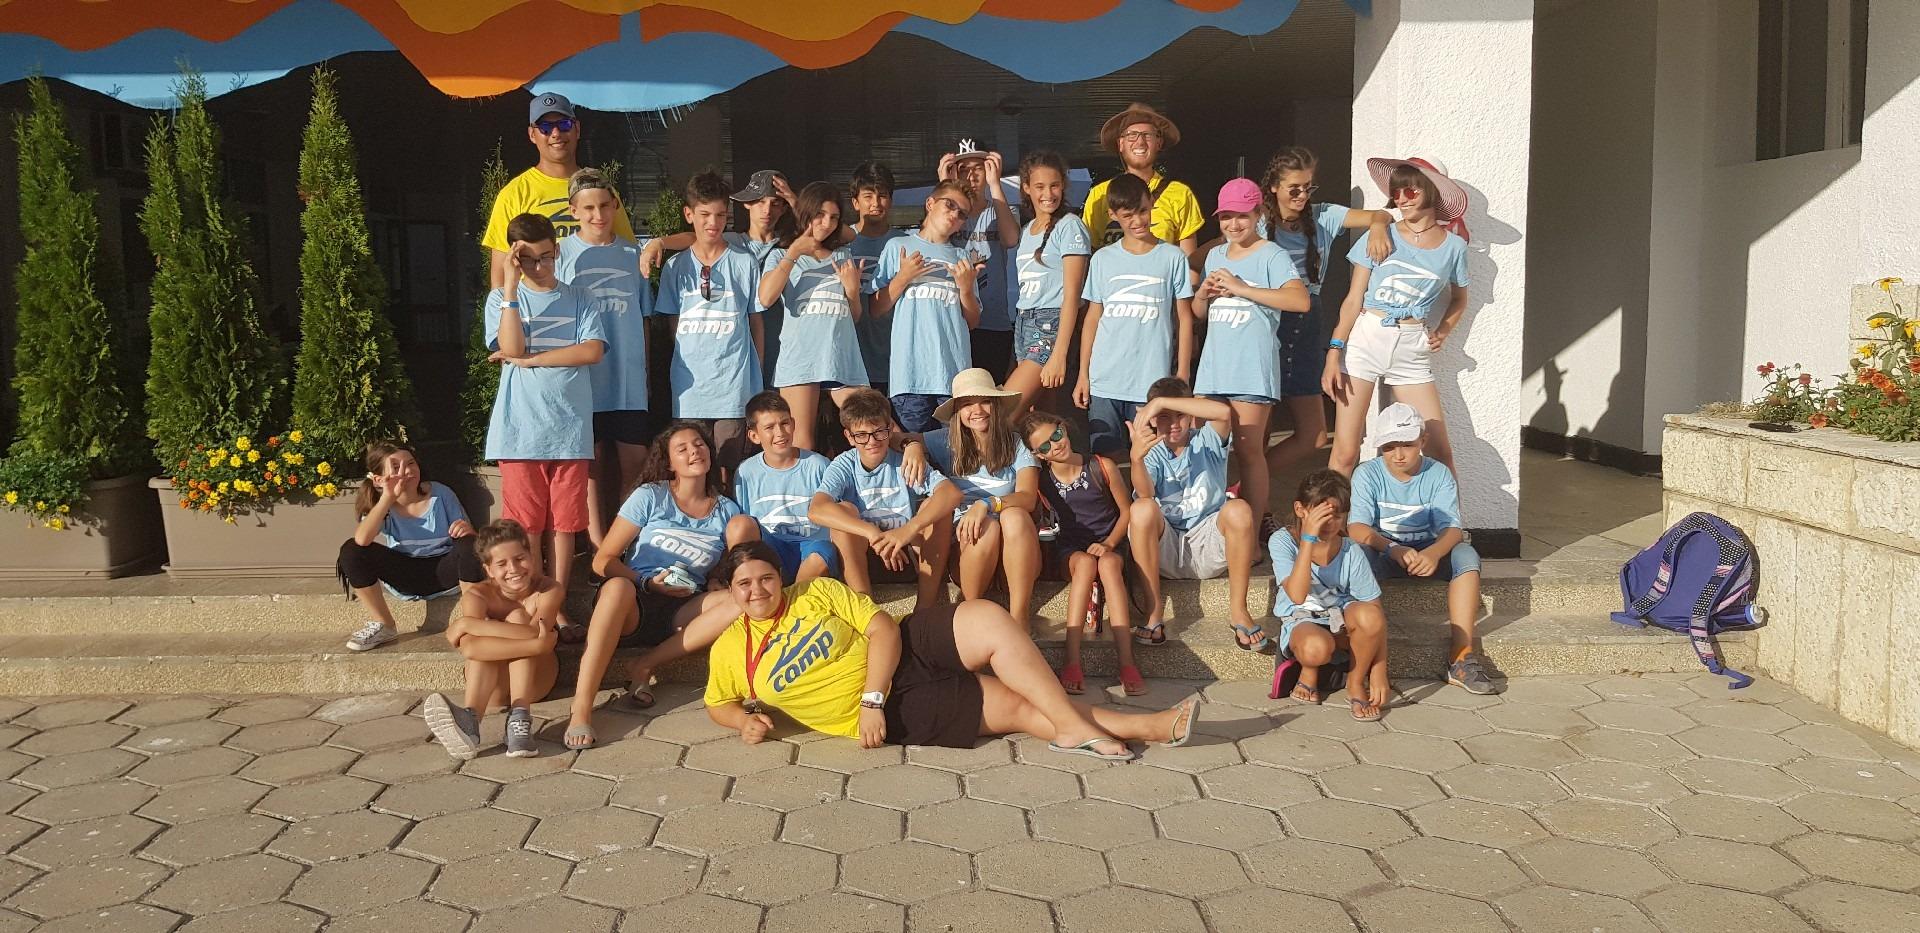 езикови ваканции в България за деца Z кемп, ден 32 - снимка на групата, децата са със сини фланелки с лого Z camp, учителите - жълти